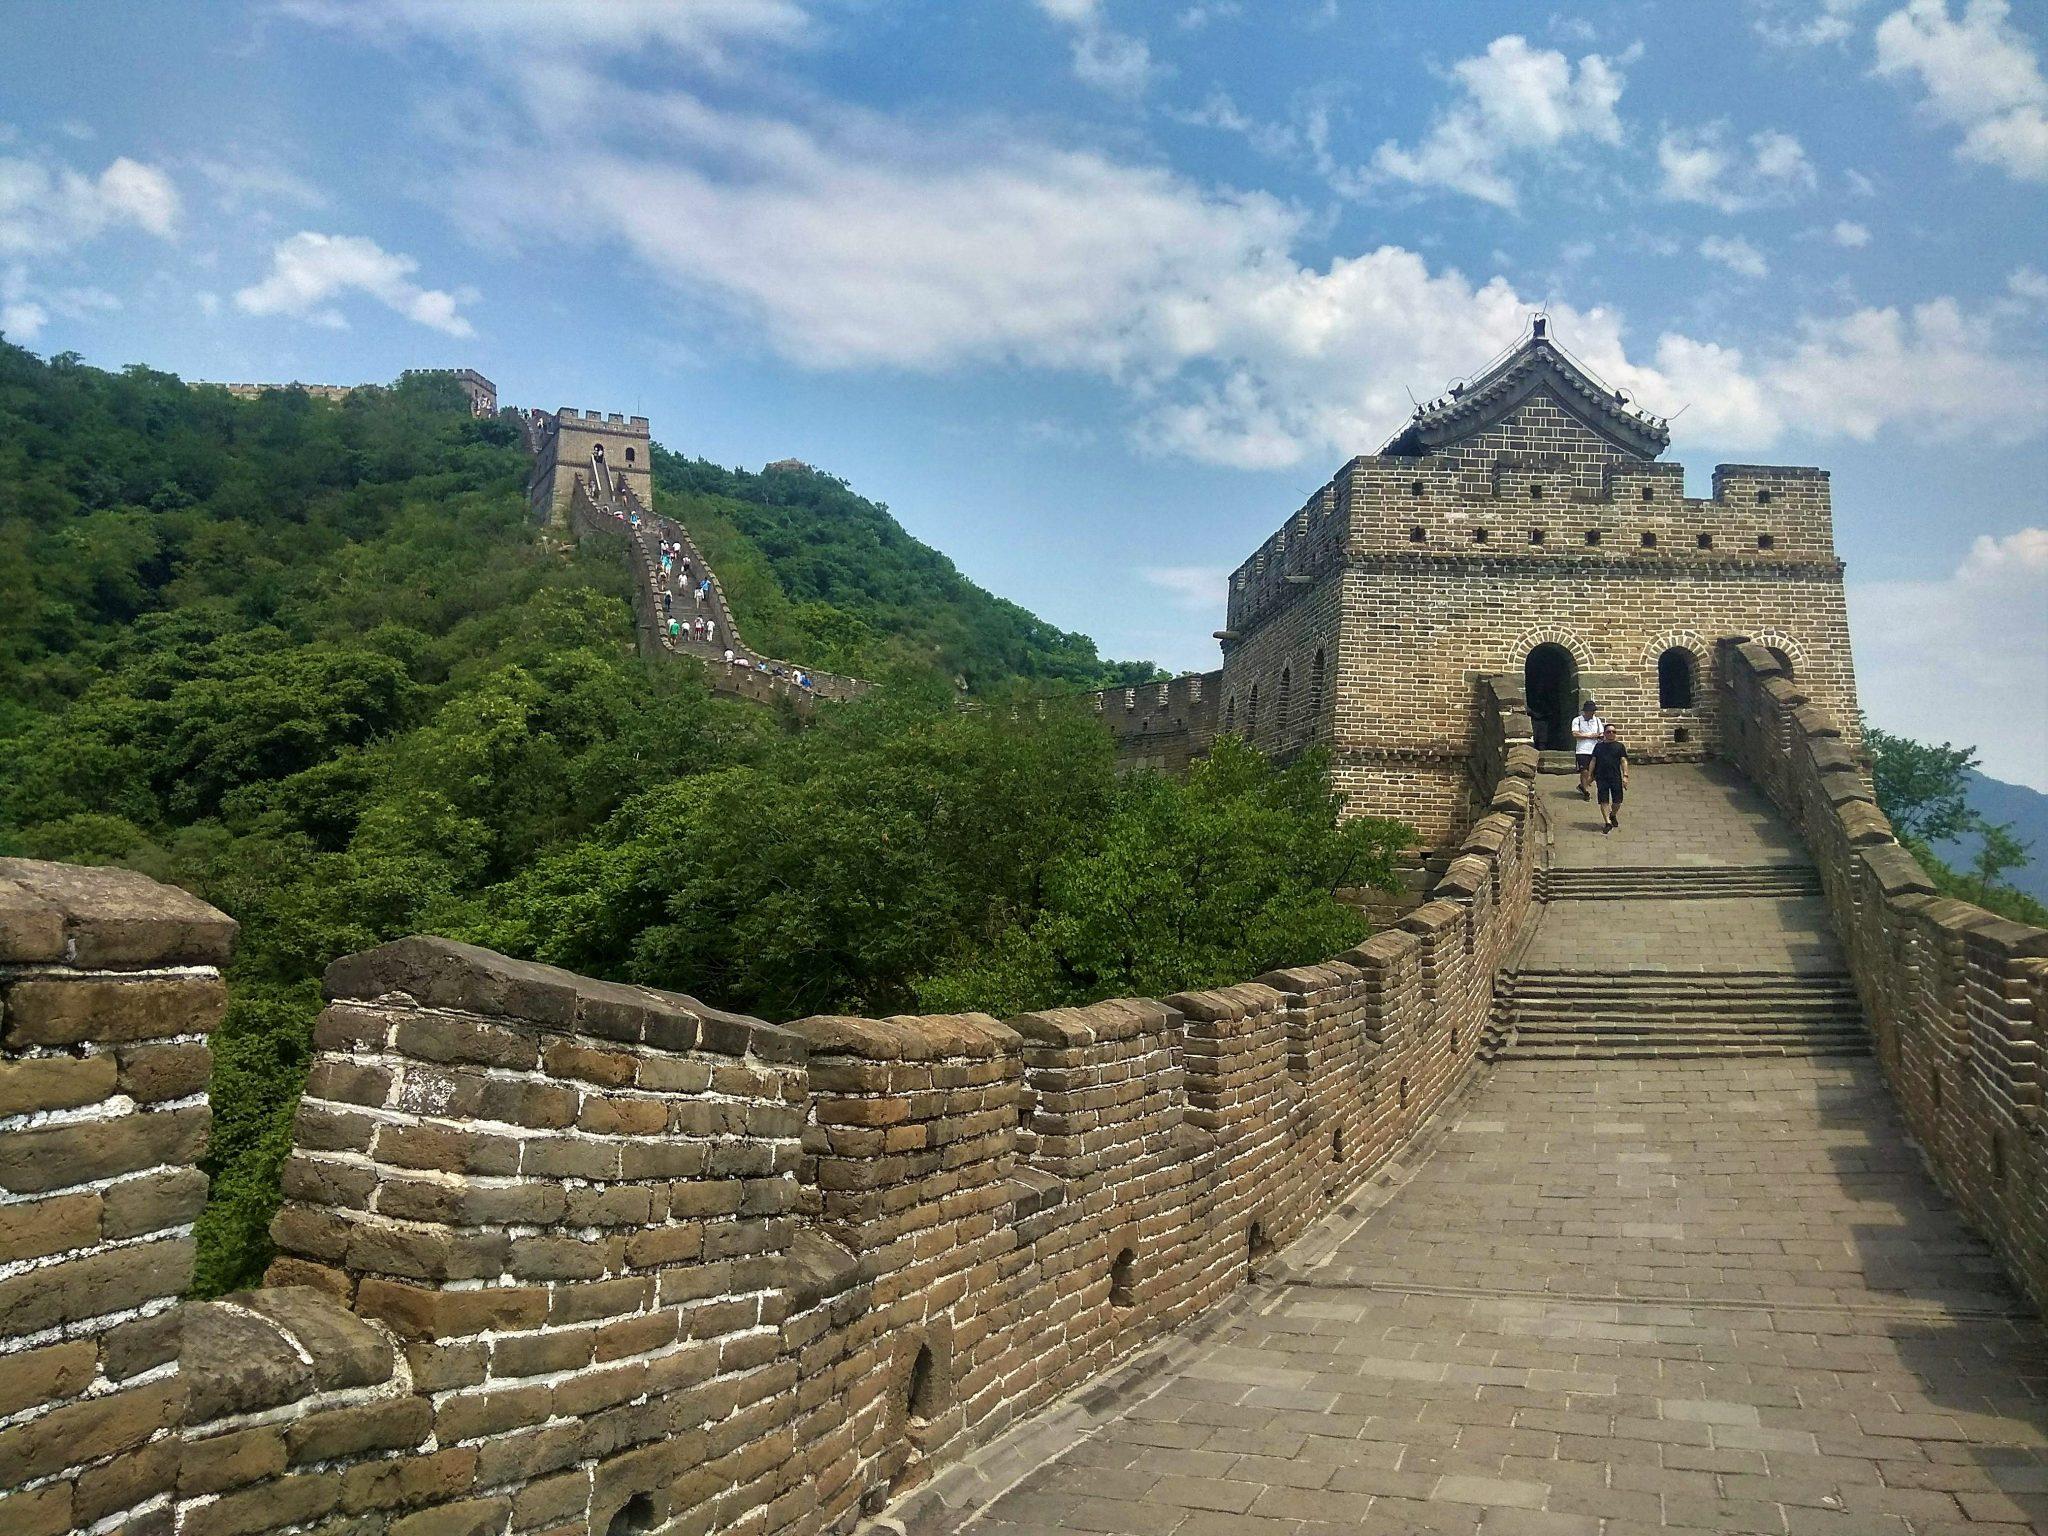 Sección Mutianyu. Post que parte ver de la muralla china - Pasaporte y Millas